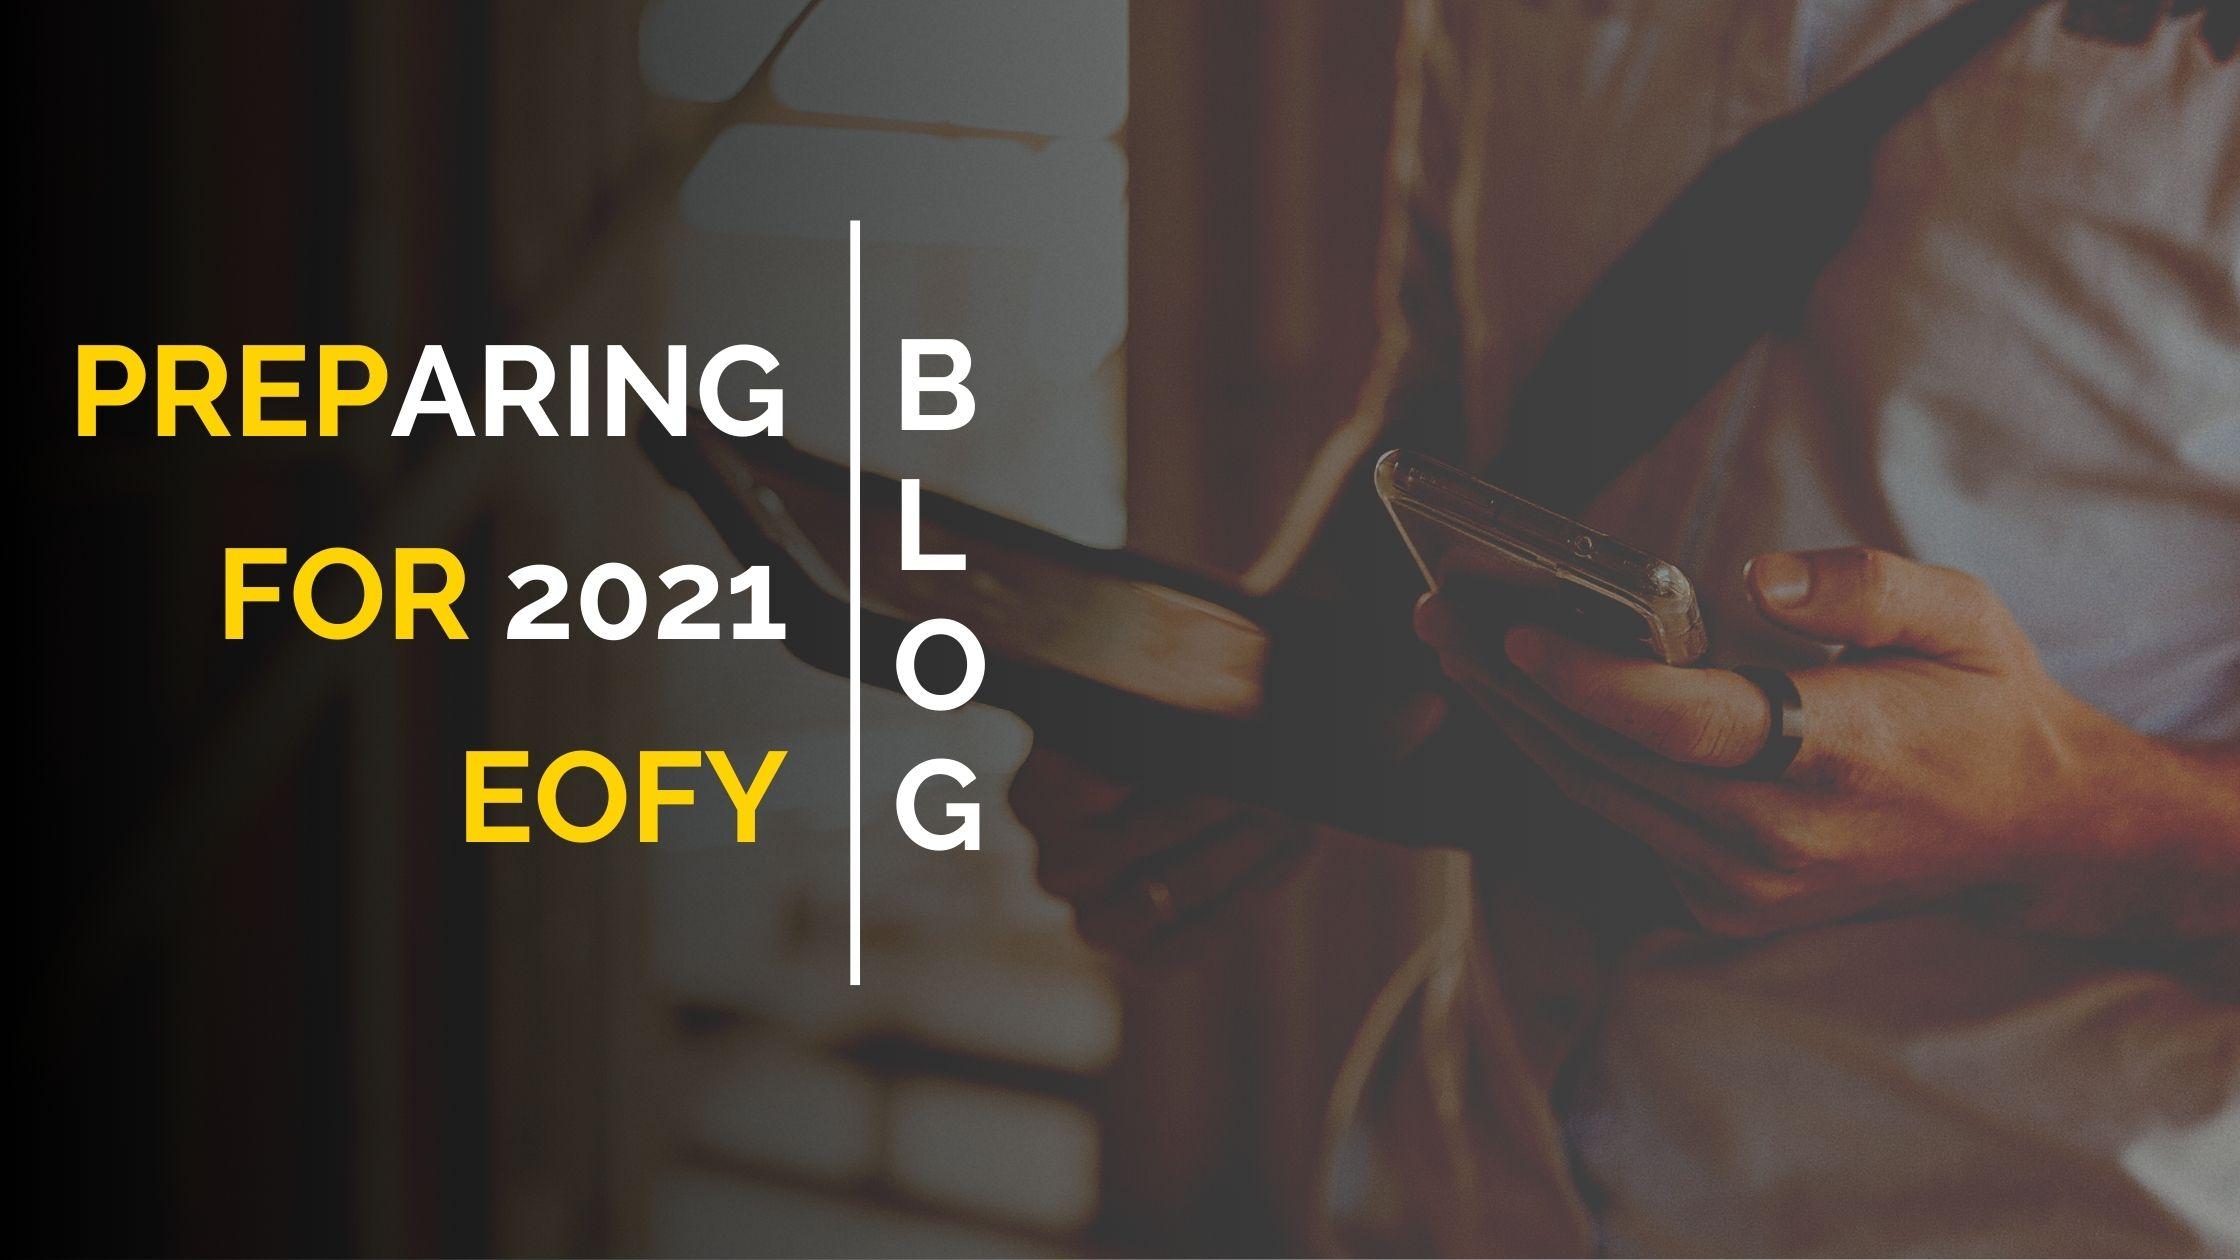 Preparing For 2021 EOFY